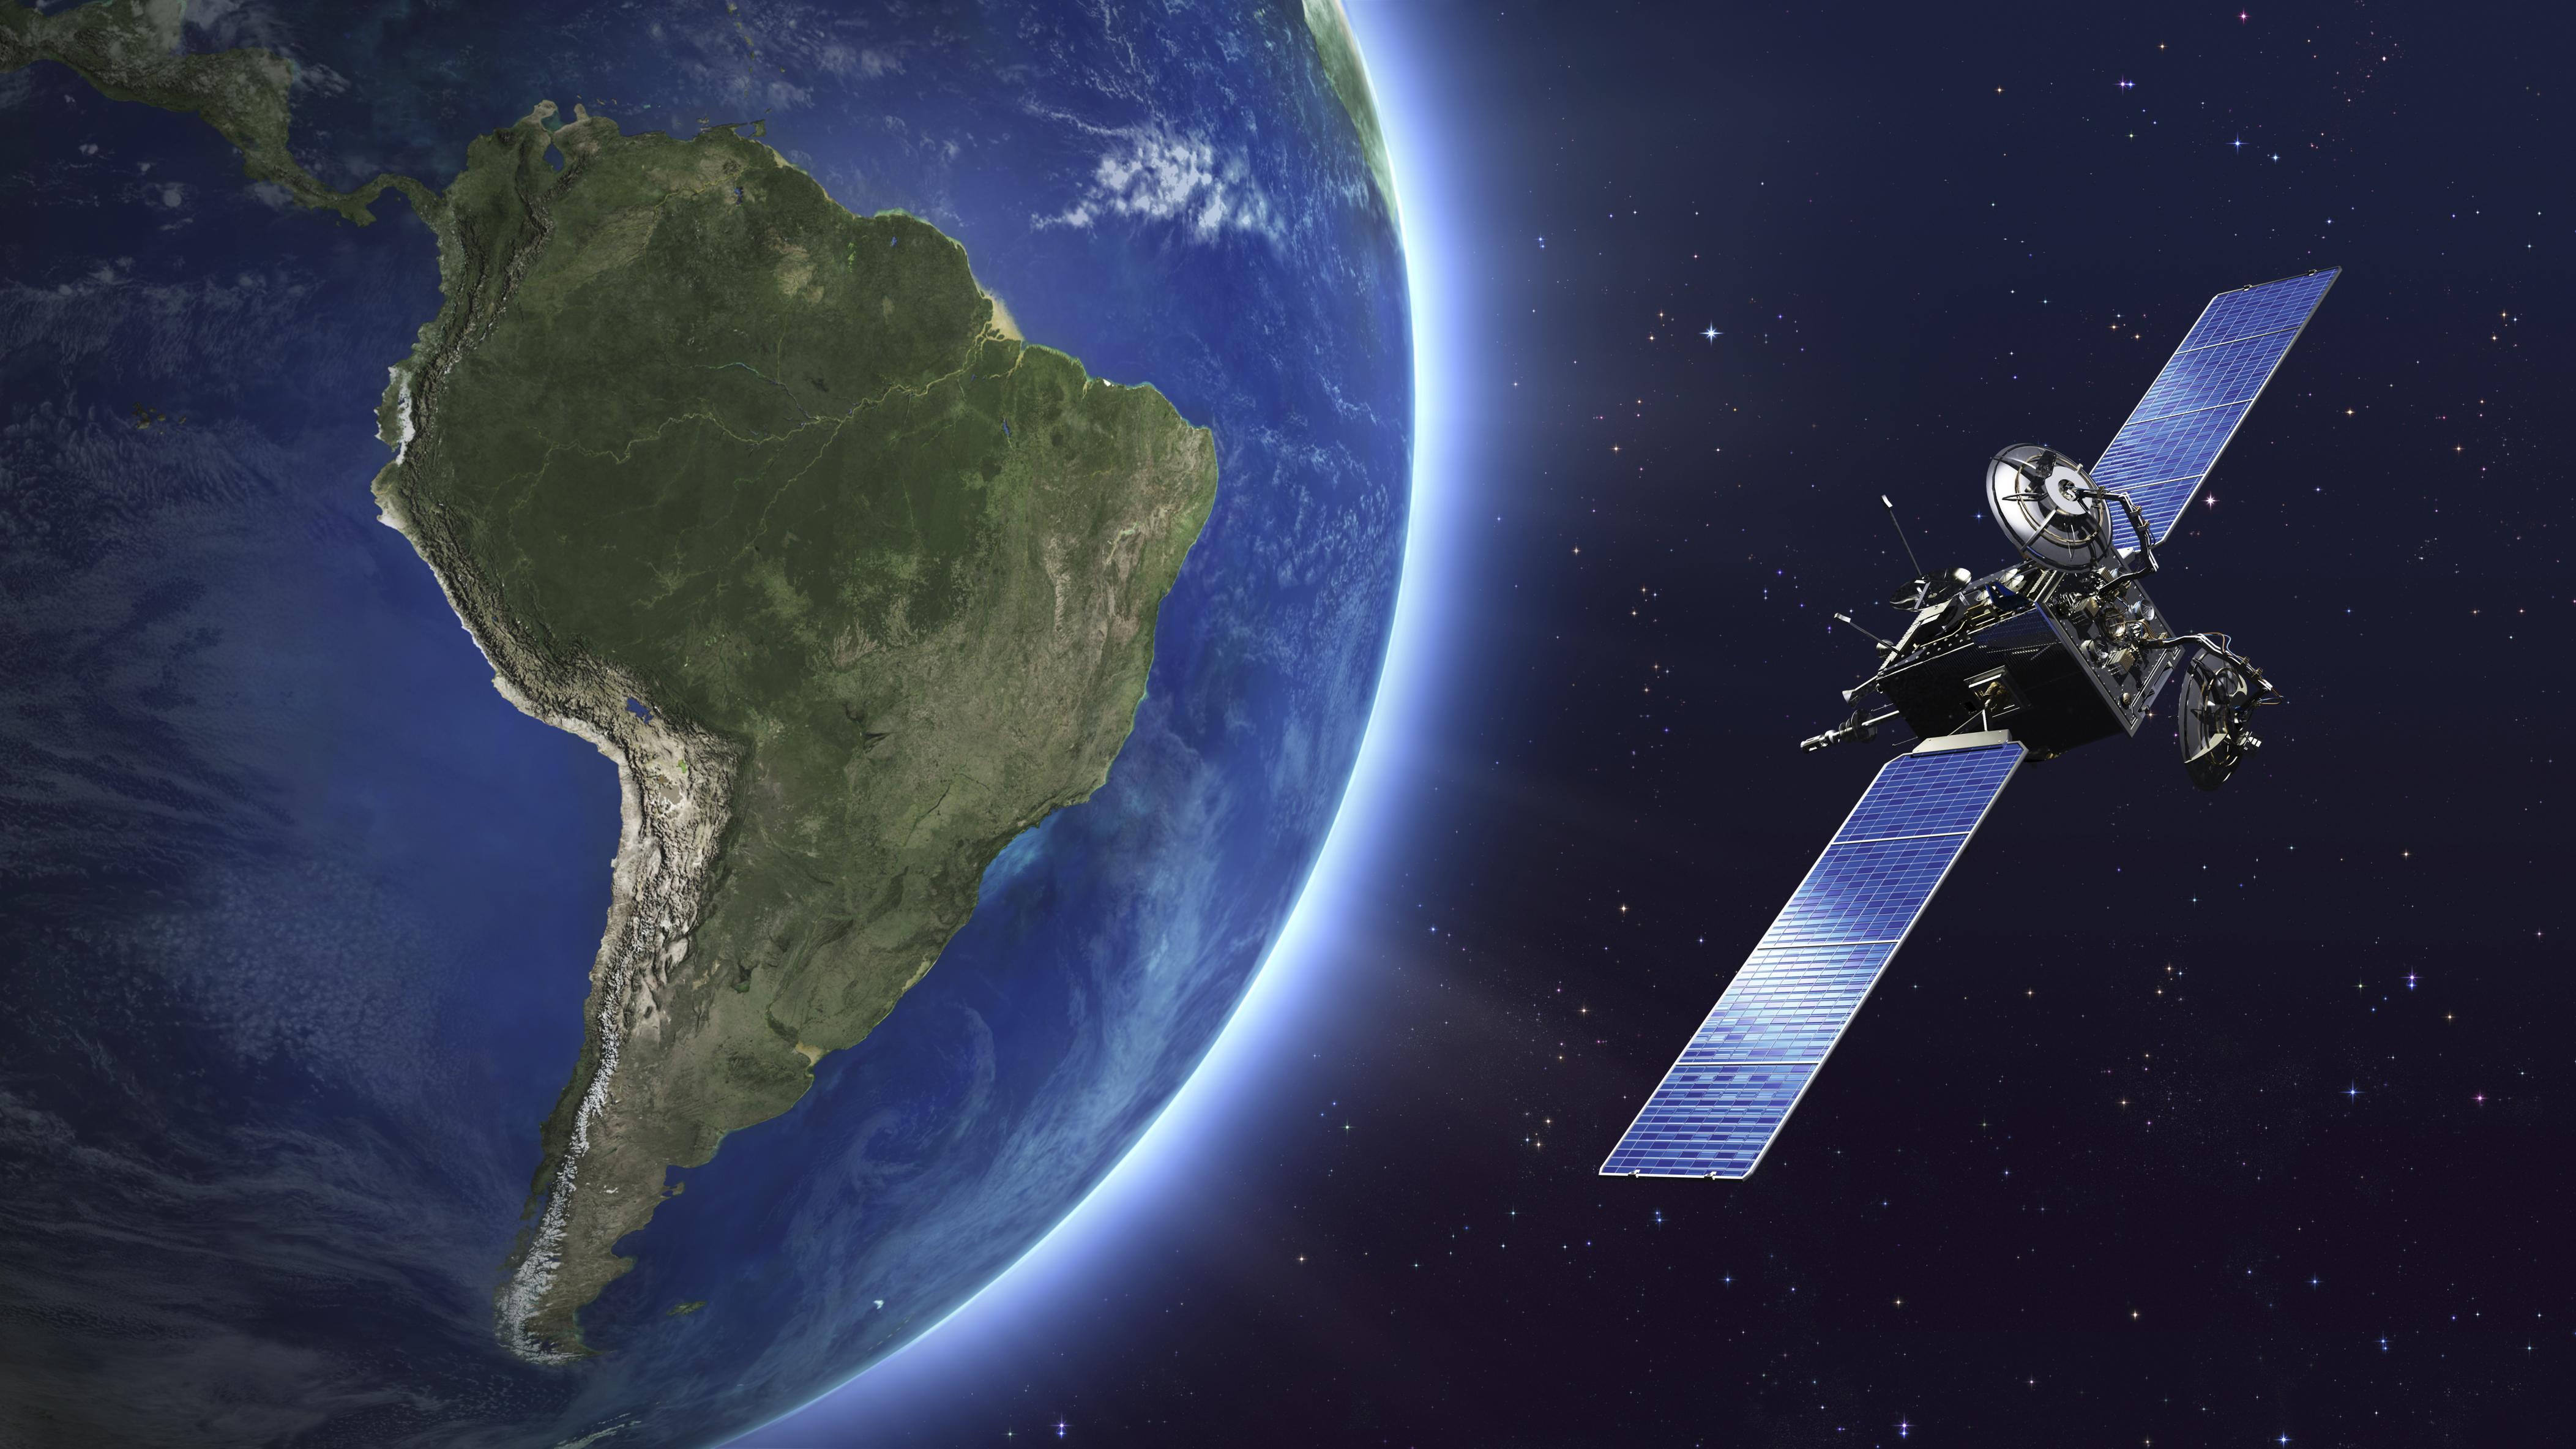 Satelity umí 'předpovídat', kde propuknou parazitická onemocnění